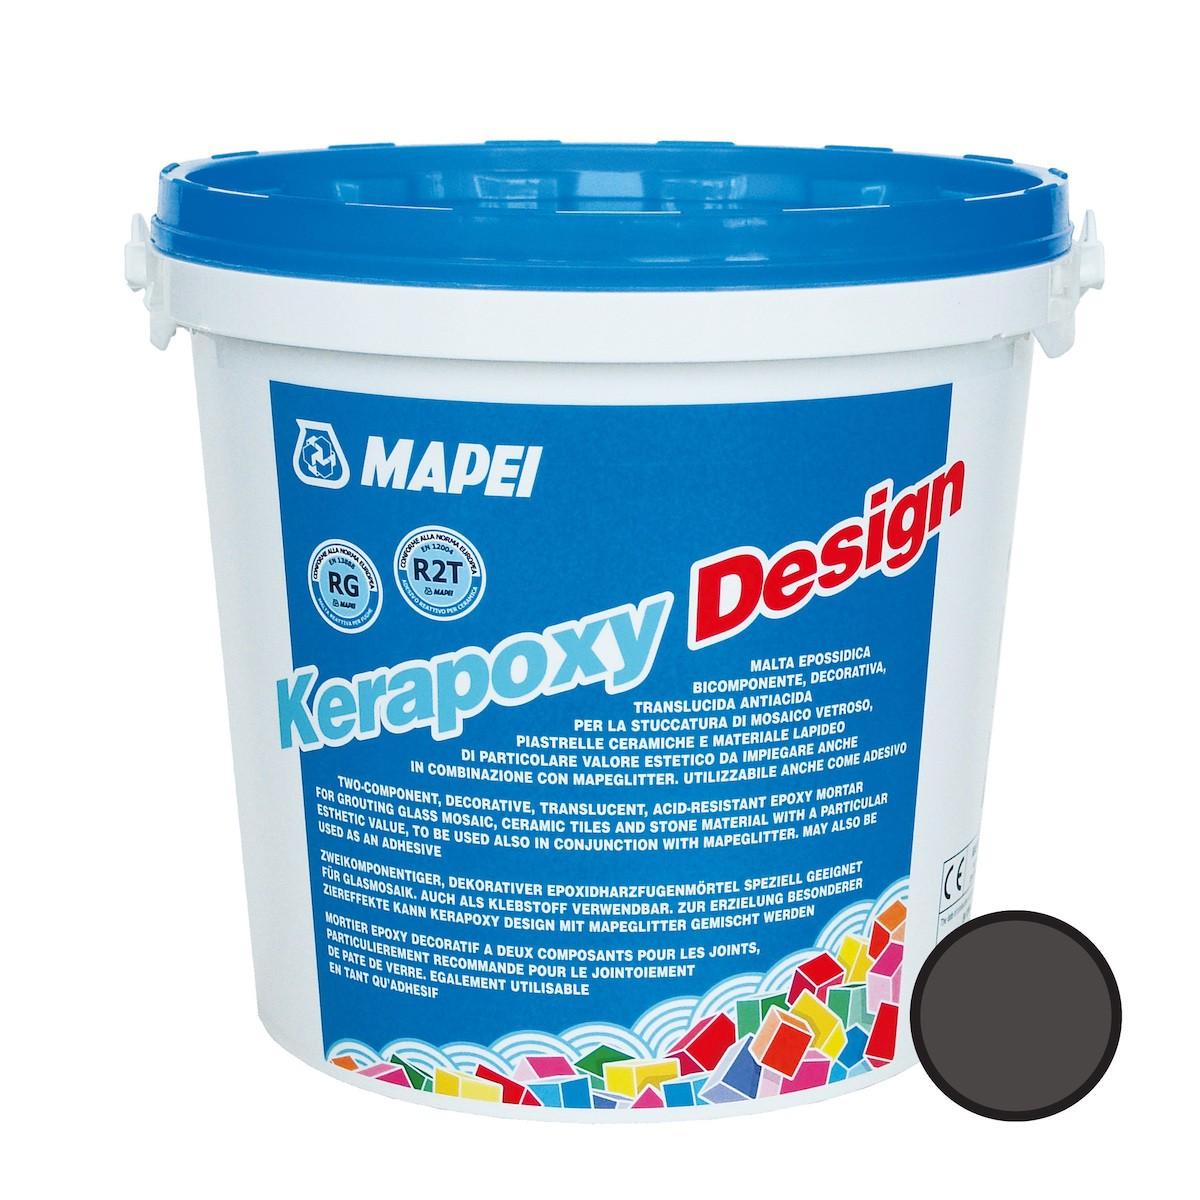 Spárovací hmota Mapei Kerapoxy Design sopečný písek 3 kg R2T MAPXDESIGN3149